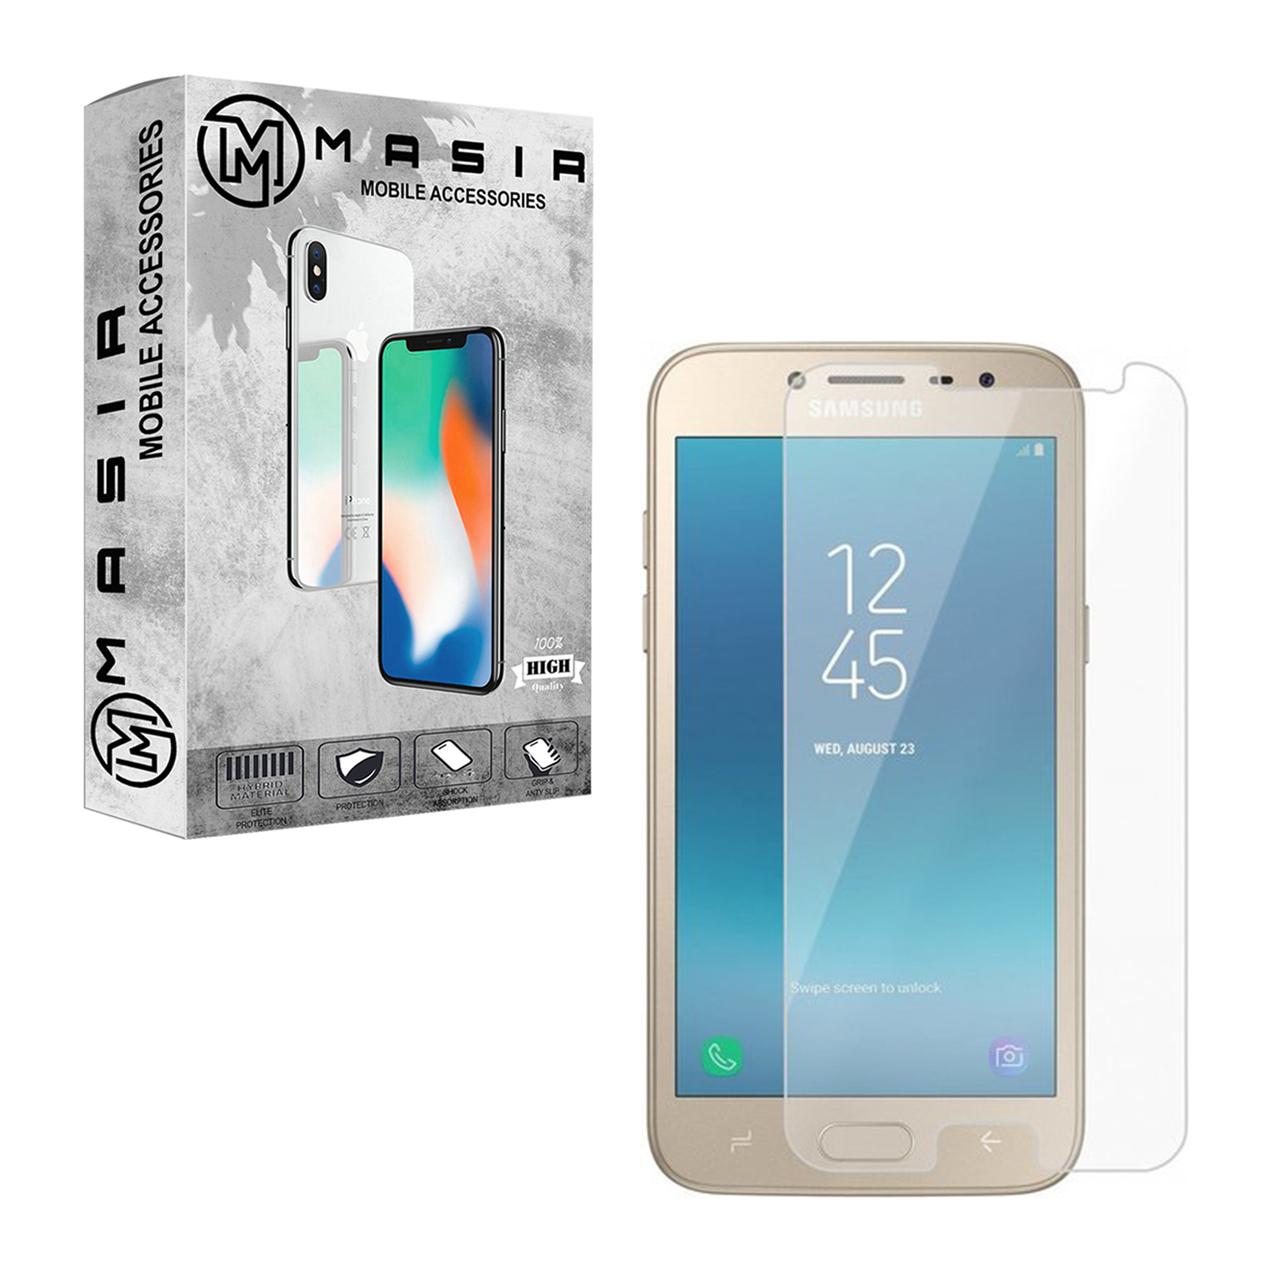 محافظ صفحه نمایش مسیر مدل MGMJ-1 مناسب برای گوشی موبایلسامسونگ Galaxy Grand Prime Pro              ( قیمت و خرید)